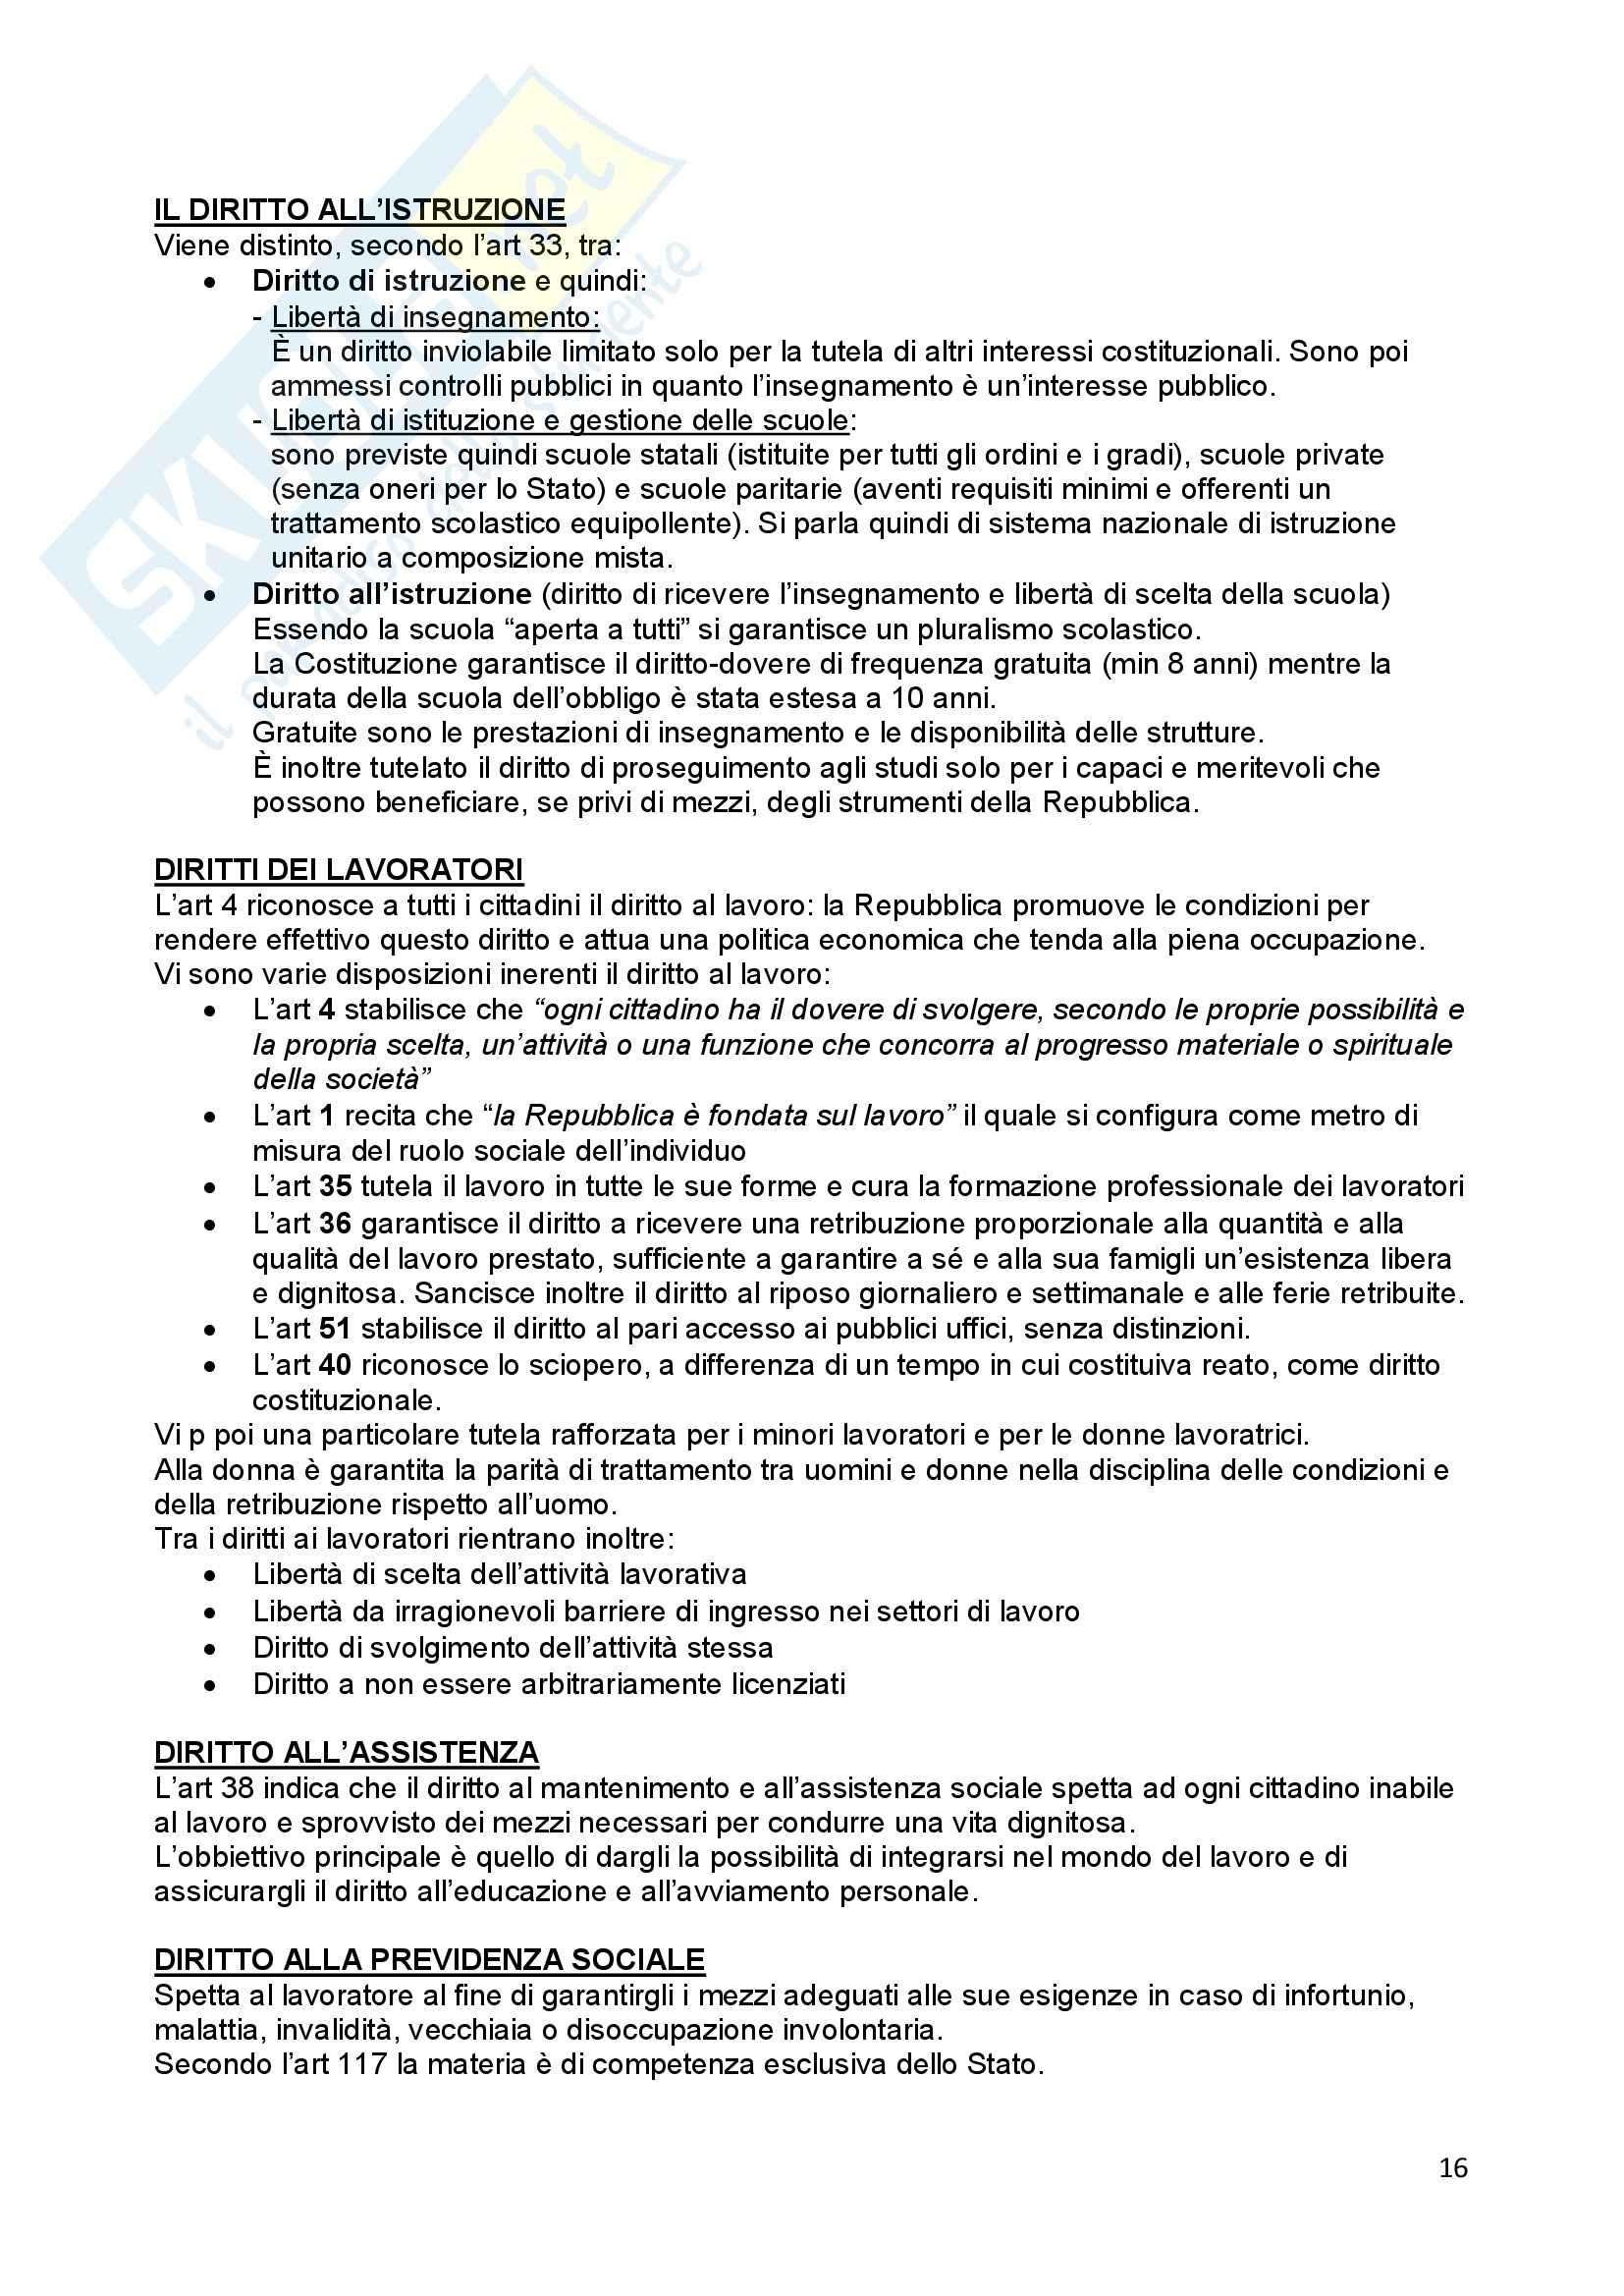 Riassunto esame Diritto Costituzionale, prof. Ferri, libro consigliato Compendio di Diritto Costituzionale,Onida e Pedrazza Gorlero Pag. 16